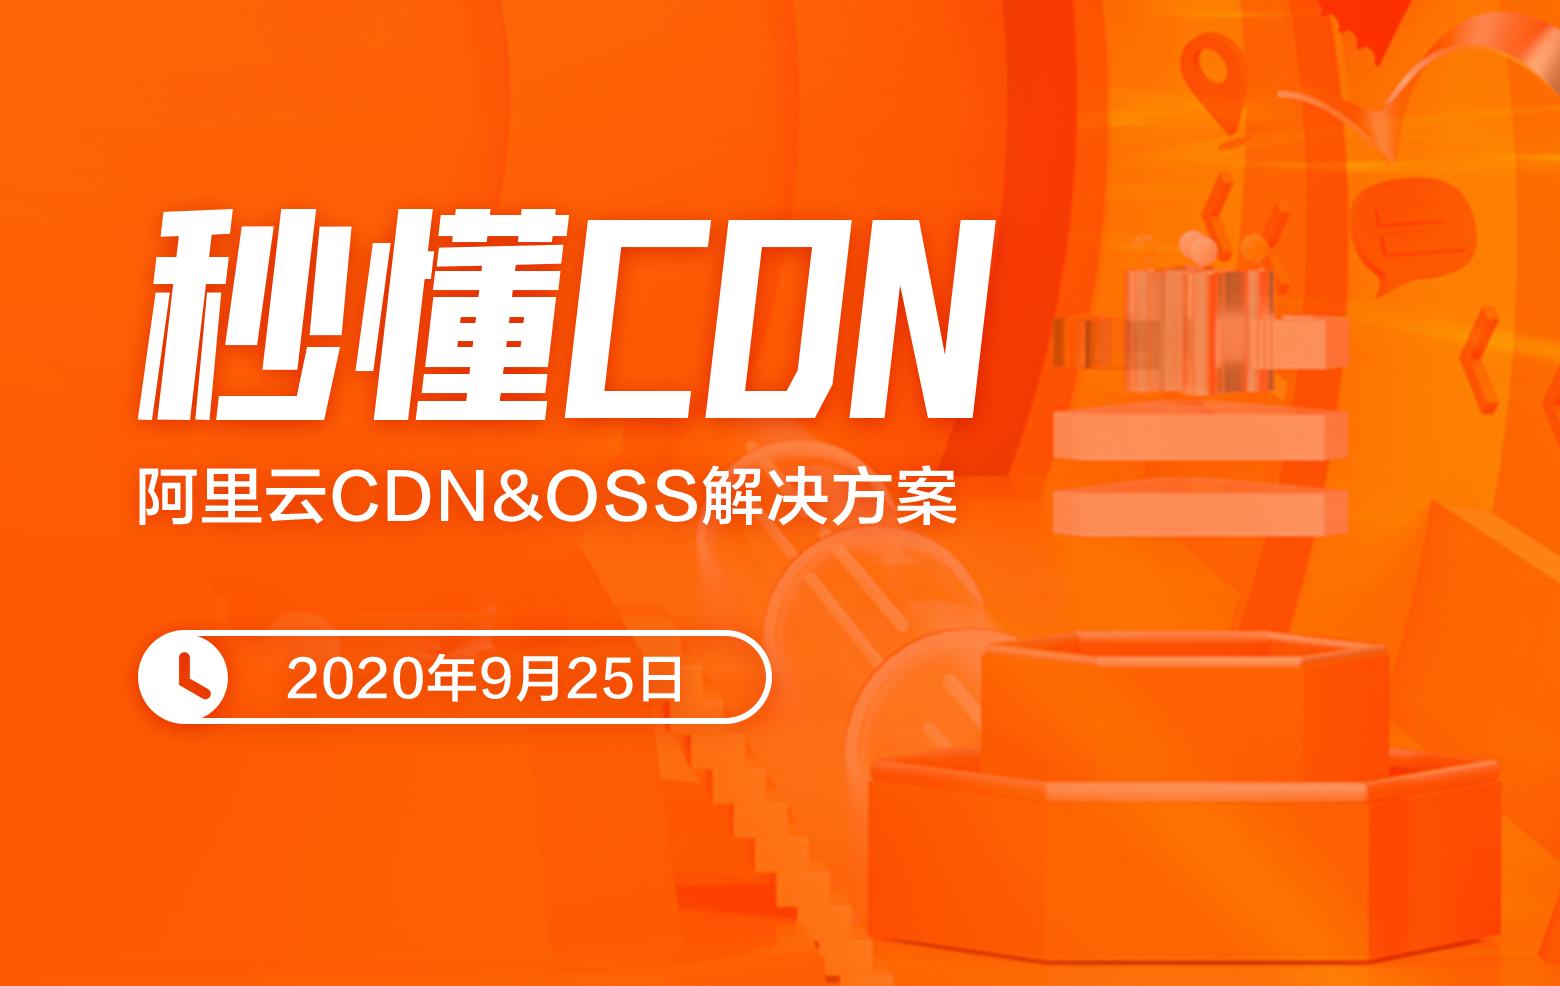 阿里云CDN&OSS解决方案